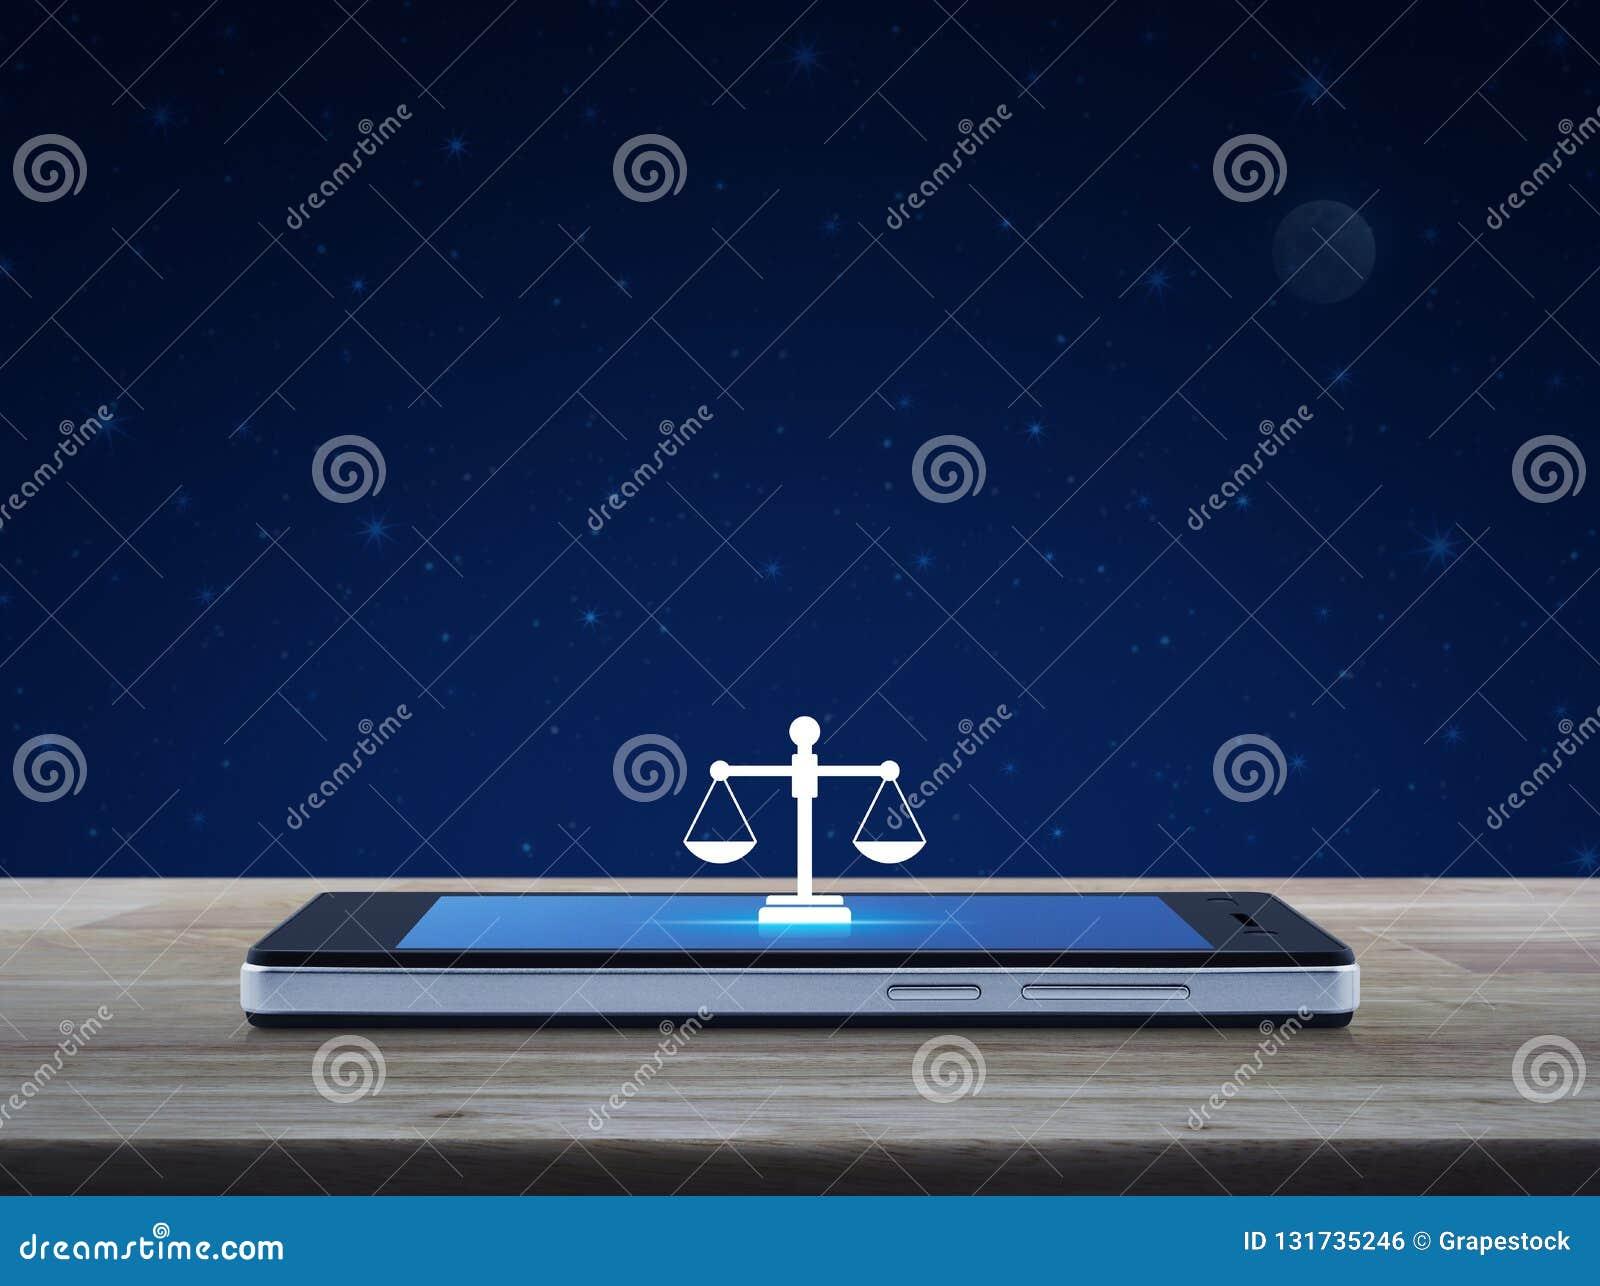 Gesetzesflache Ikone auf modernem intelligentem Handyschirm auf Holztisch über Fantasienächtlichem himmel und Mond, Gerichtsdiens